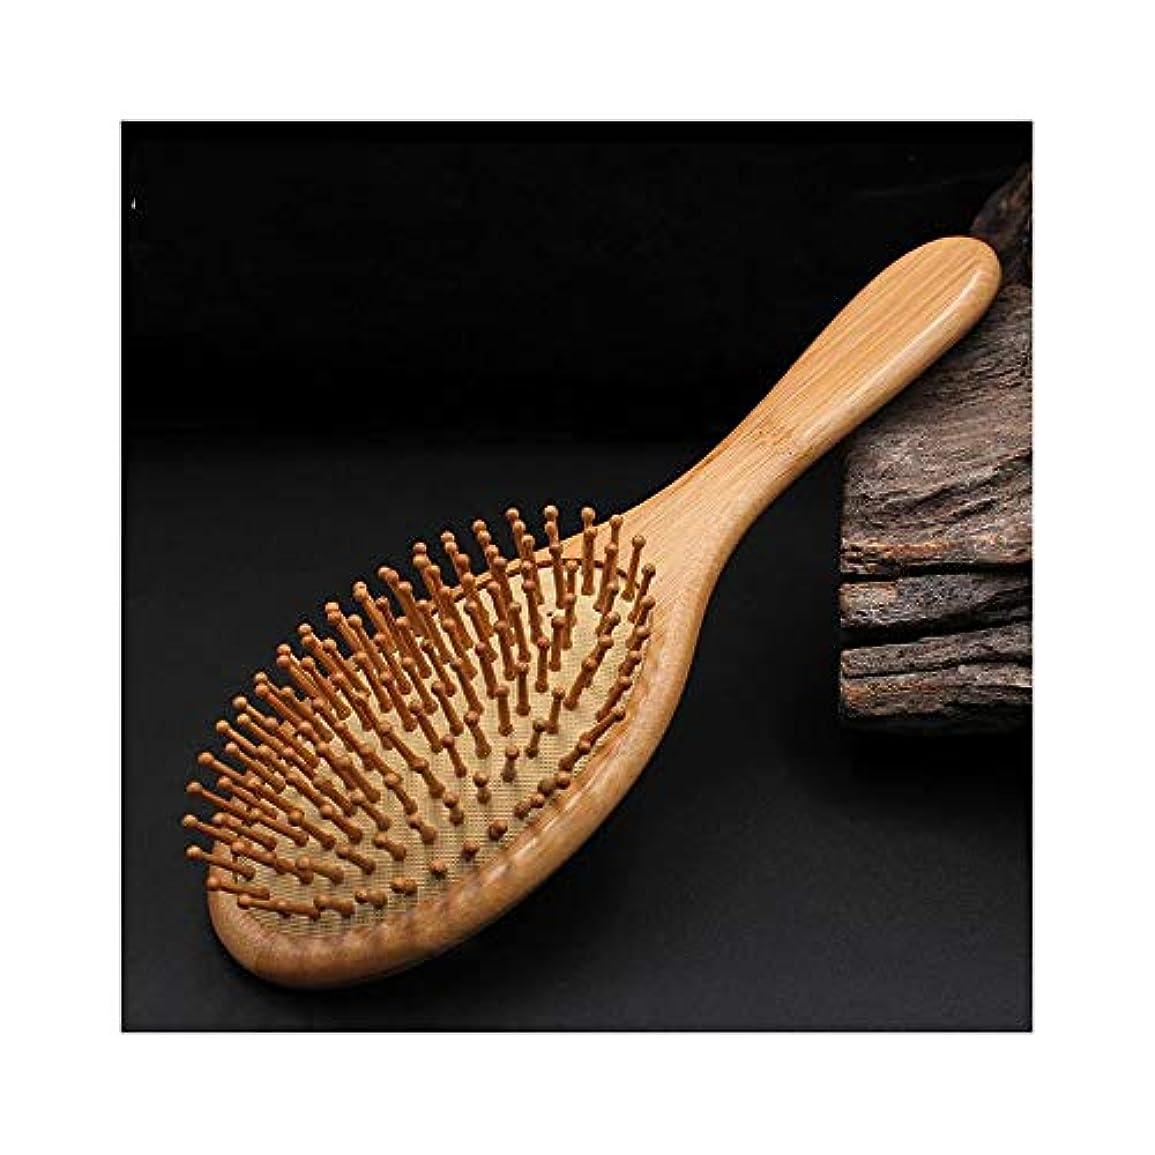 ピザ制限された紛争Fashian木製ヘアブラシ、100%竹木ヘアブラシ抗静的マッサージヘアコーム ヘアケア (色 : Round)